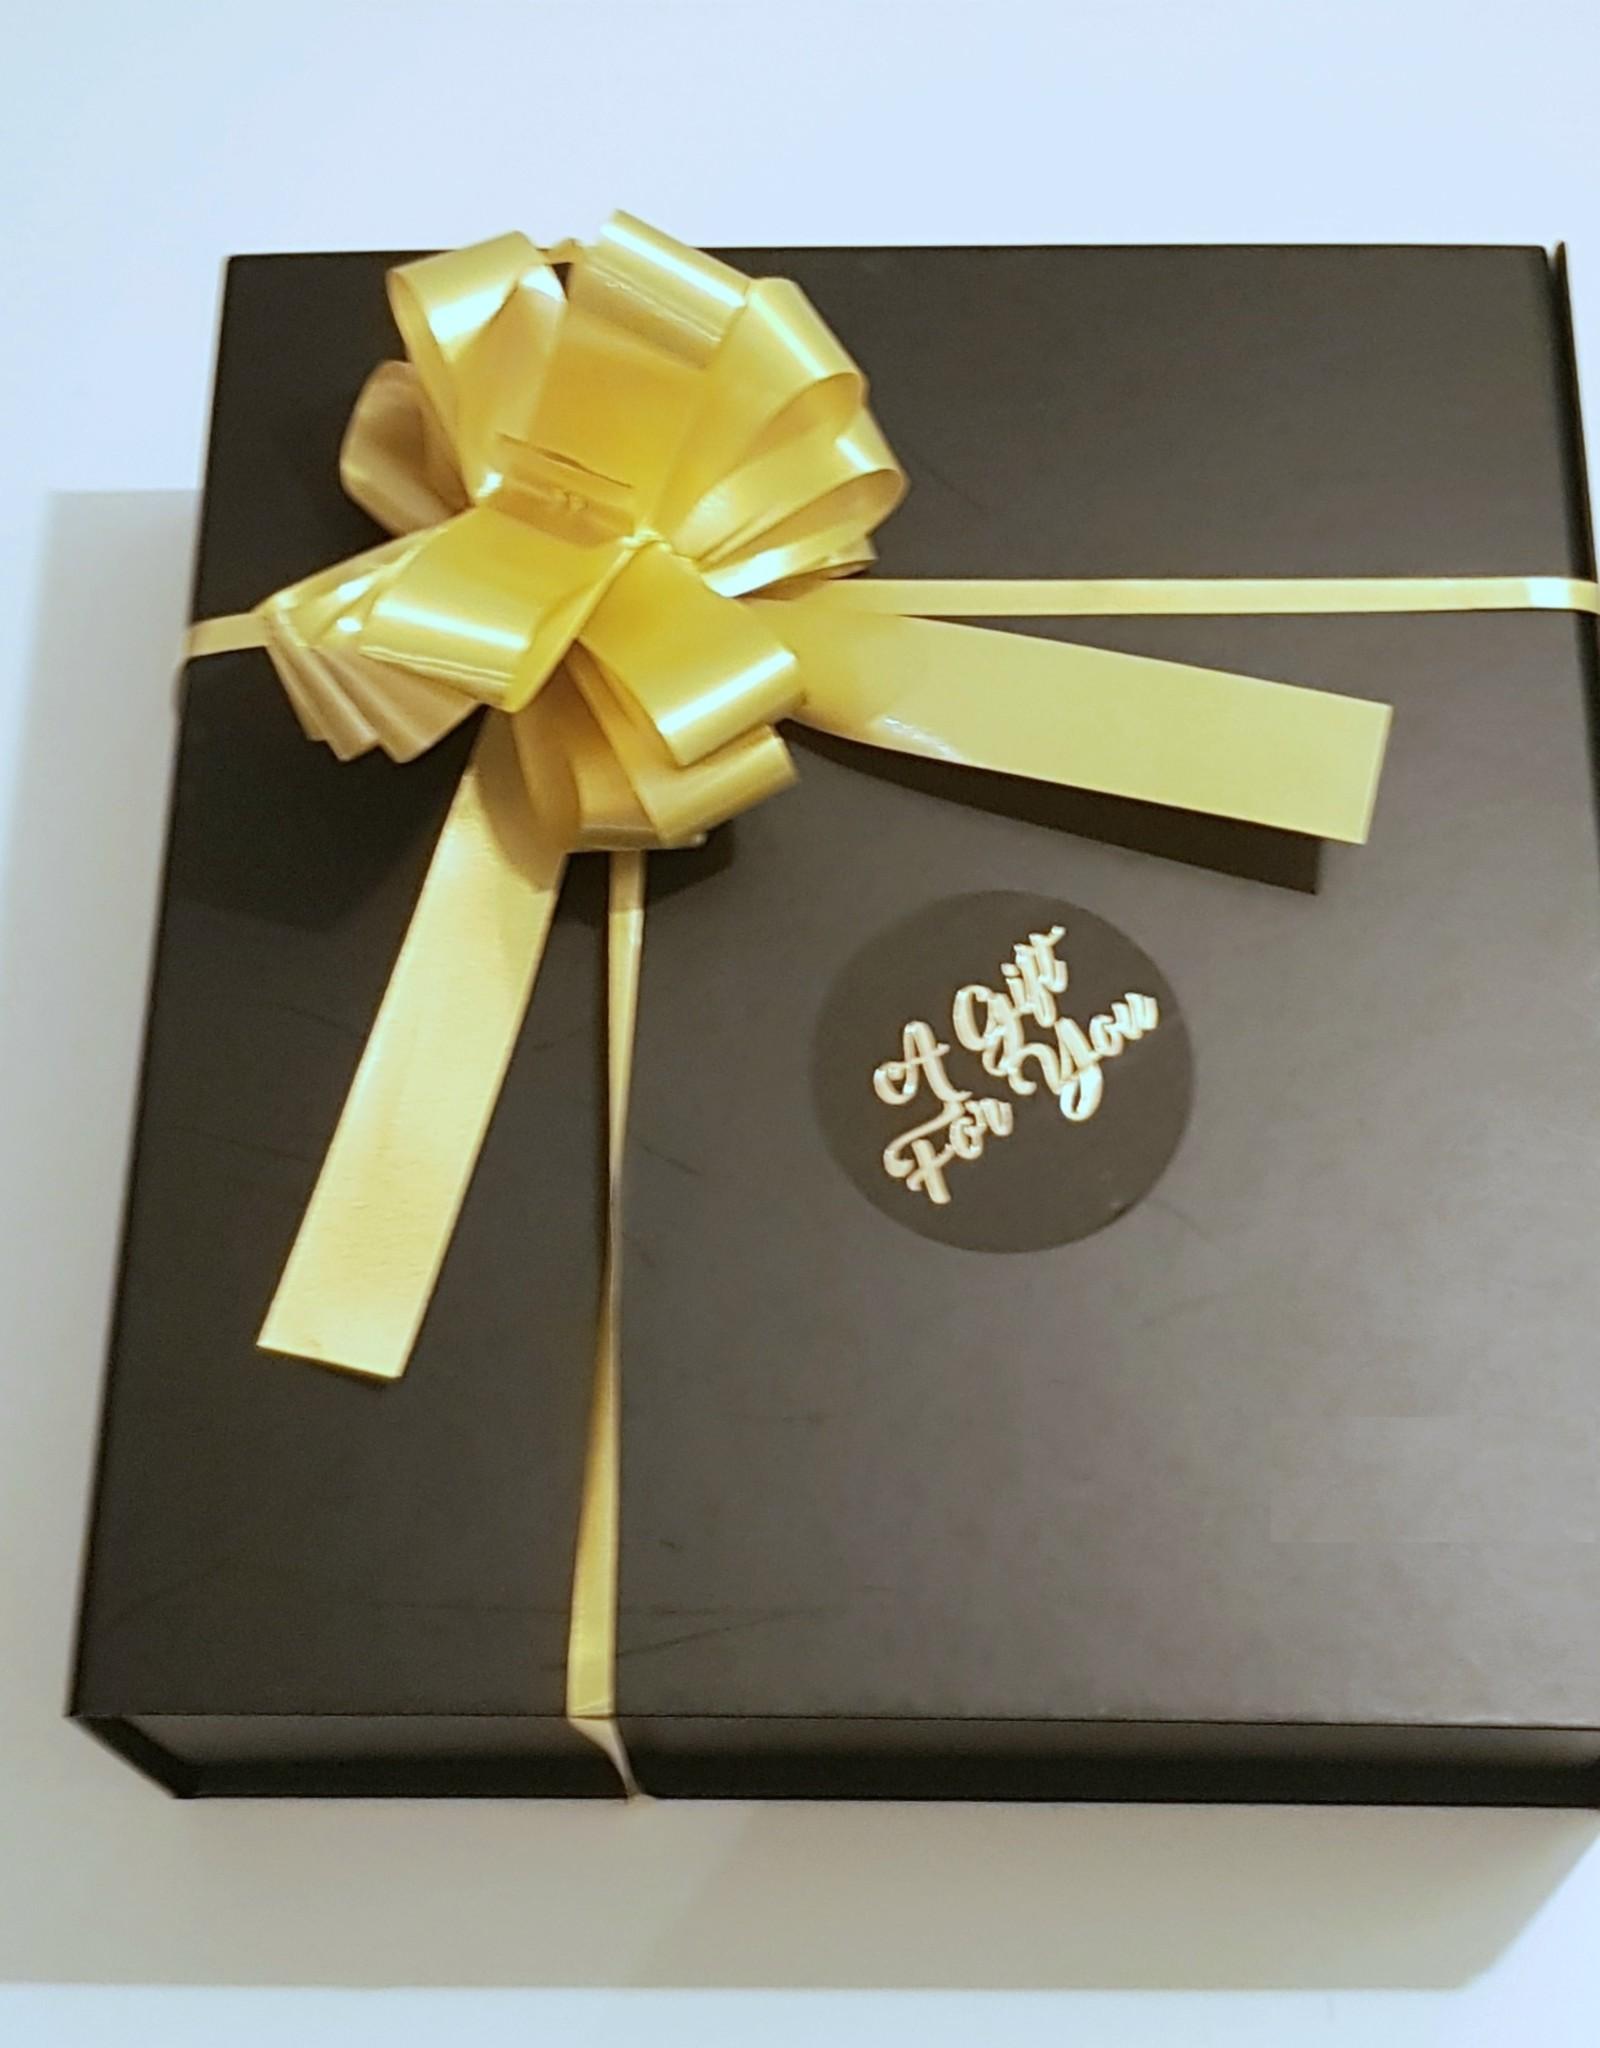 Sjolie Luxueze geschenkenset/ giftset van Sjolie selftan bronzing mousse met een Sjolie bodywash